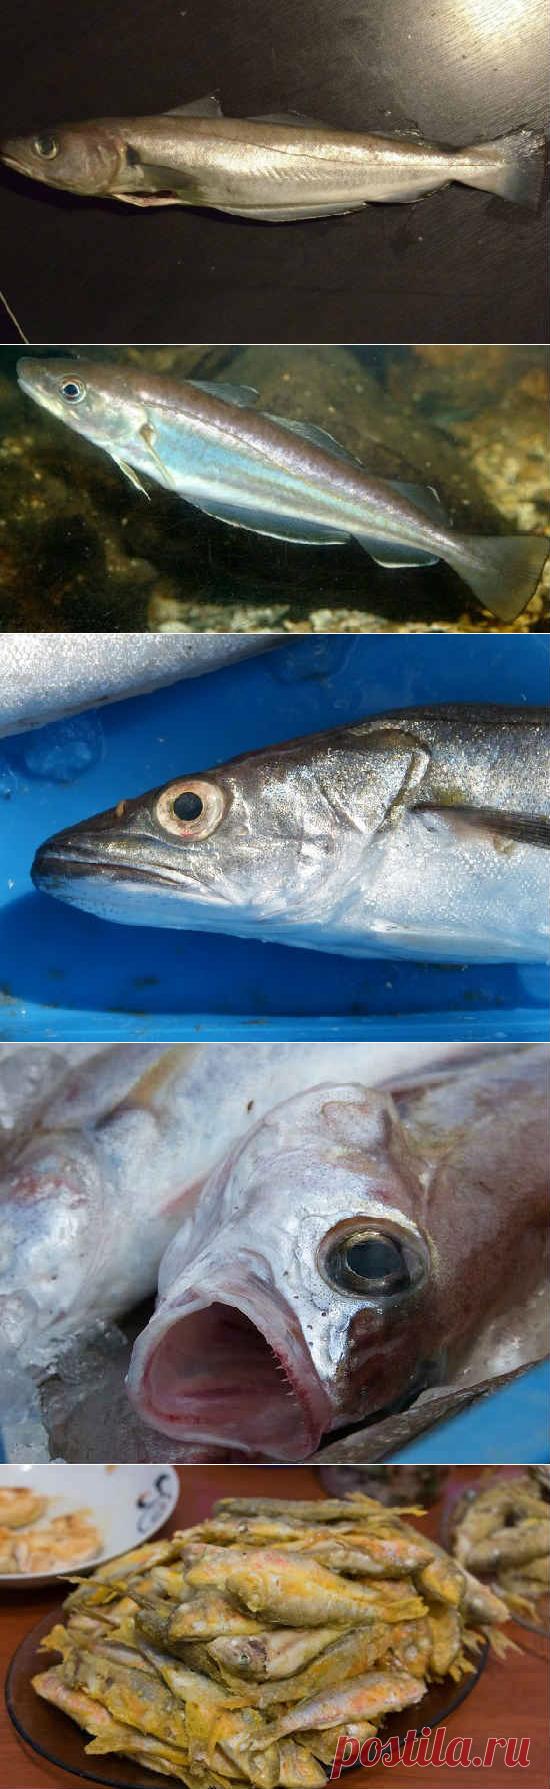 Рыба мерланг: семейство, фото, полезные свойства, как готовить